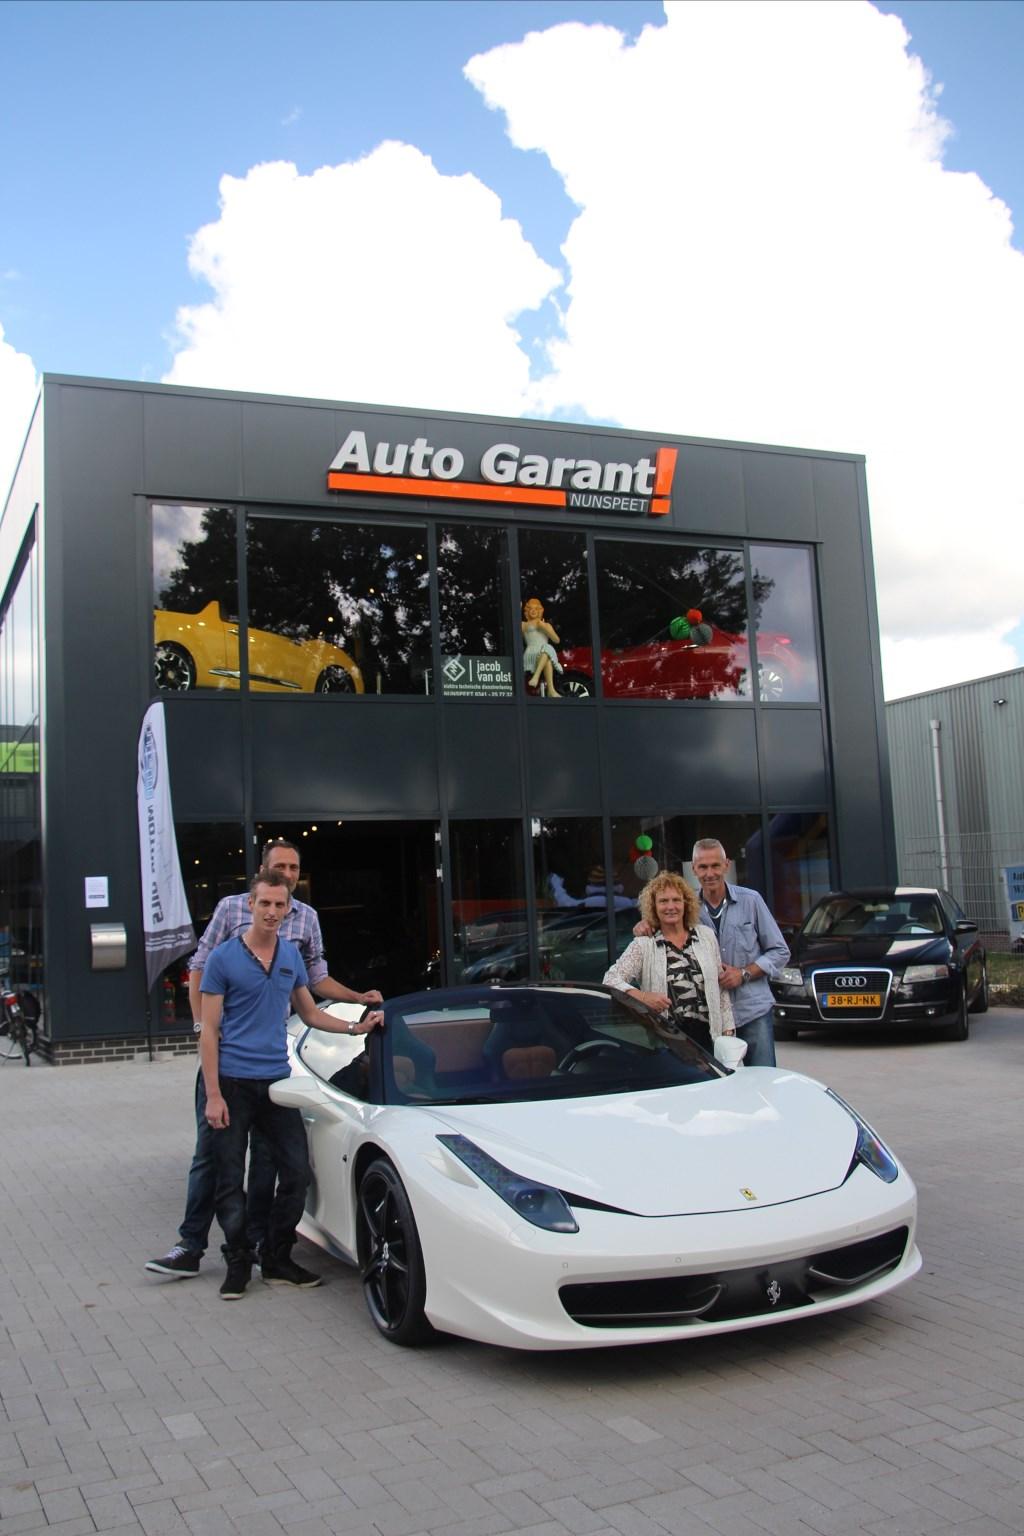 Ongebruikt Ferrari opent nieuw pand Auto Garant   Nunspeet Huis aan Huis MJ-94